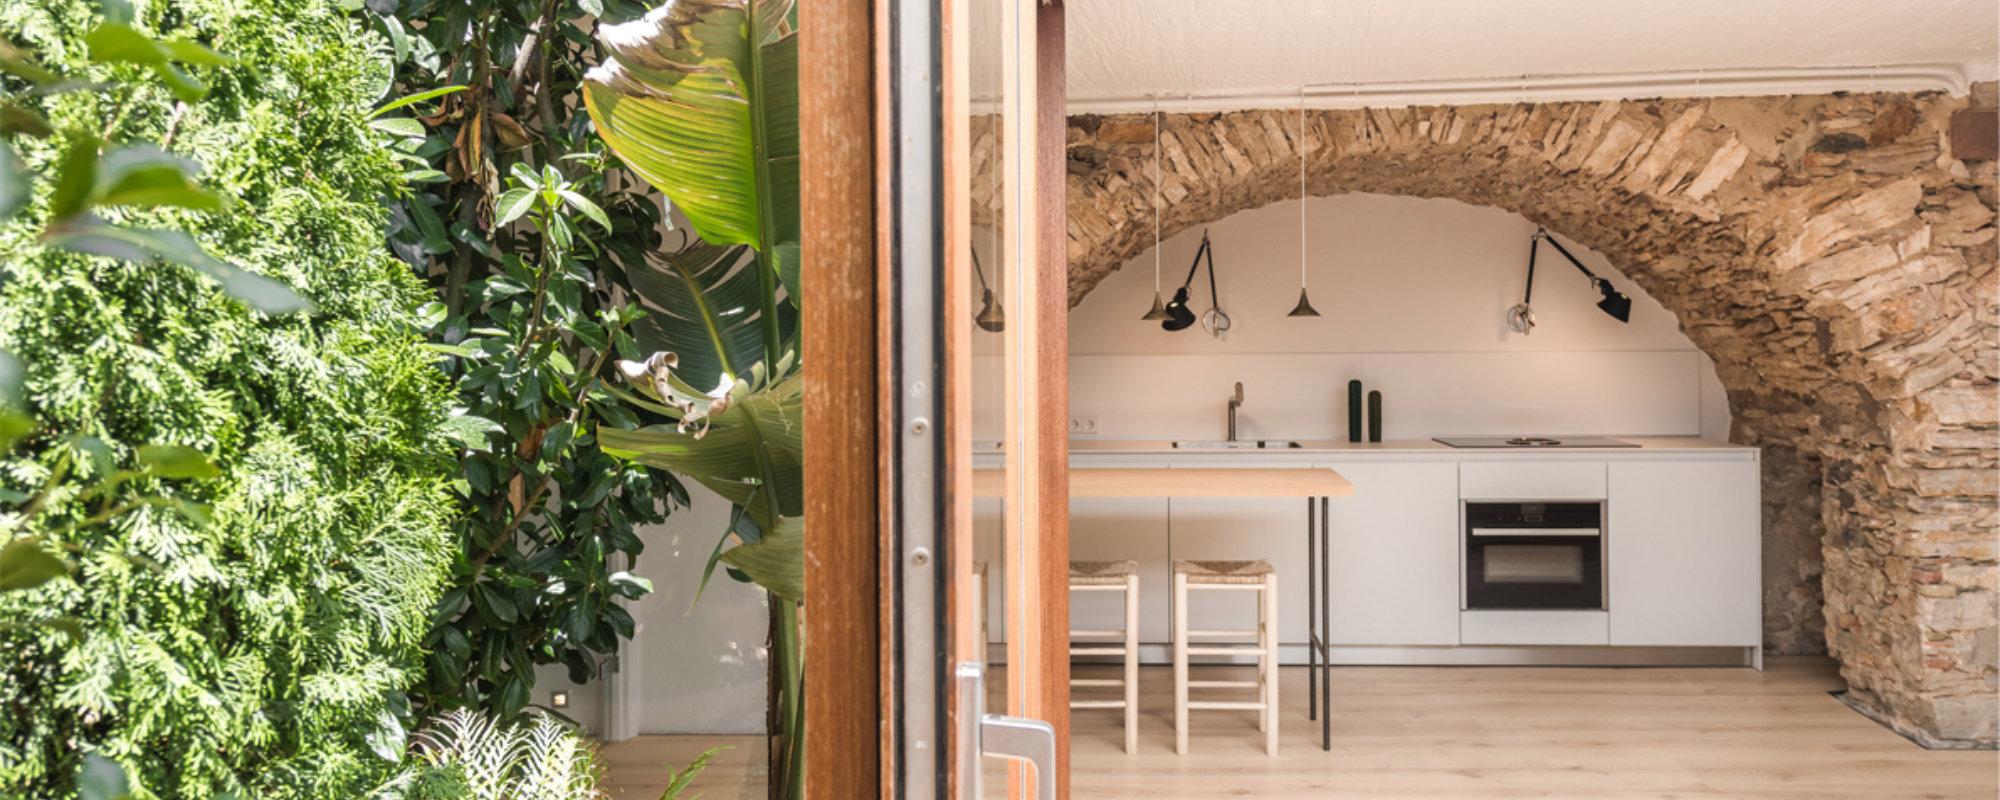 Susanna Cots: Interiorista de lujo en Barcelona de proyectos perfectos susanna cots Susanna Cots: Interiorista de lujo en Barcelona de proyectos perfectos Featured 6